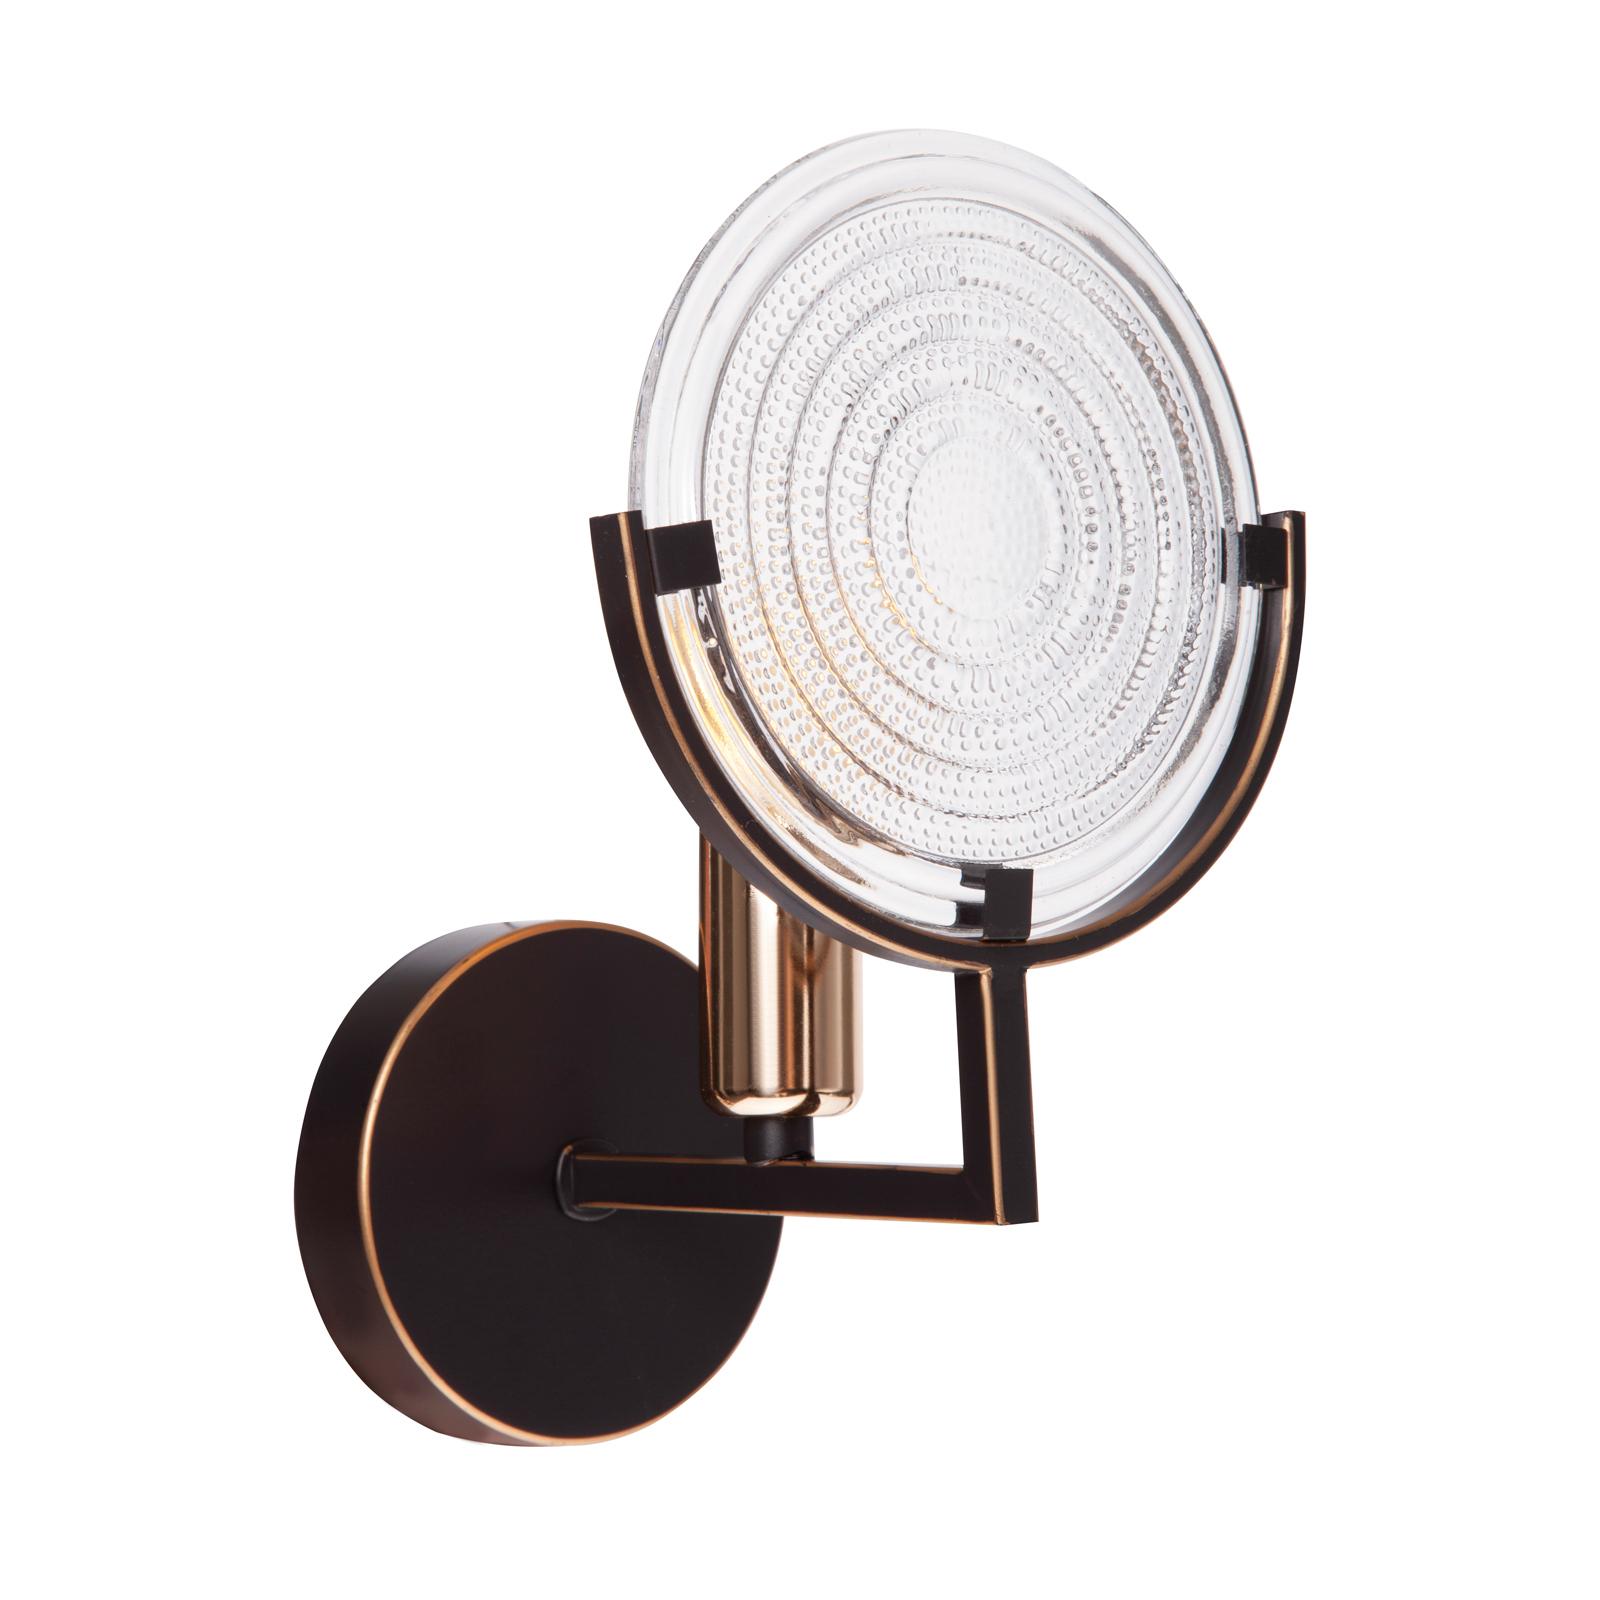 Светильник настенный GENRY 1275/1W E14*1*60W кофе/золото/белый люстра потолочная j light genry 1275 5c e14 5 60w кофе золото белый